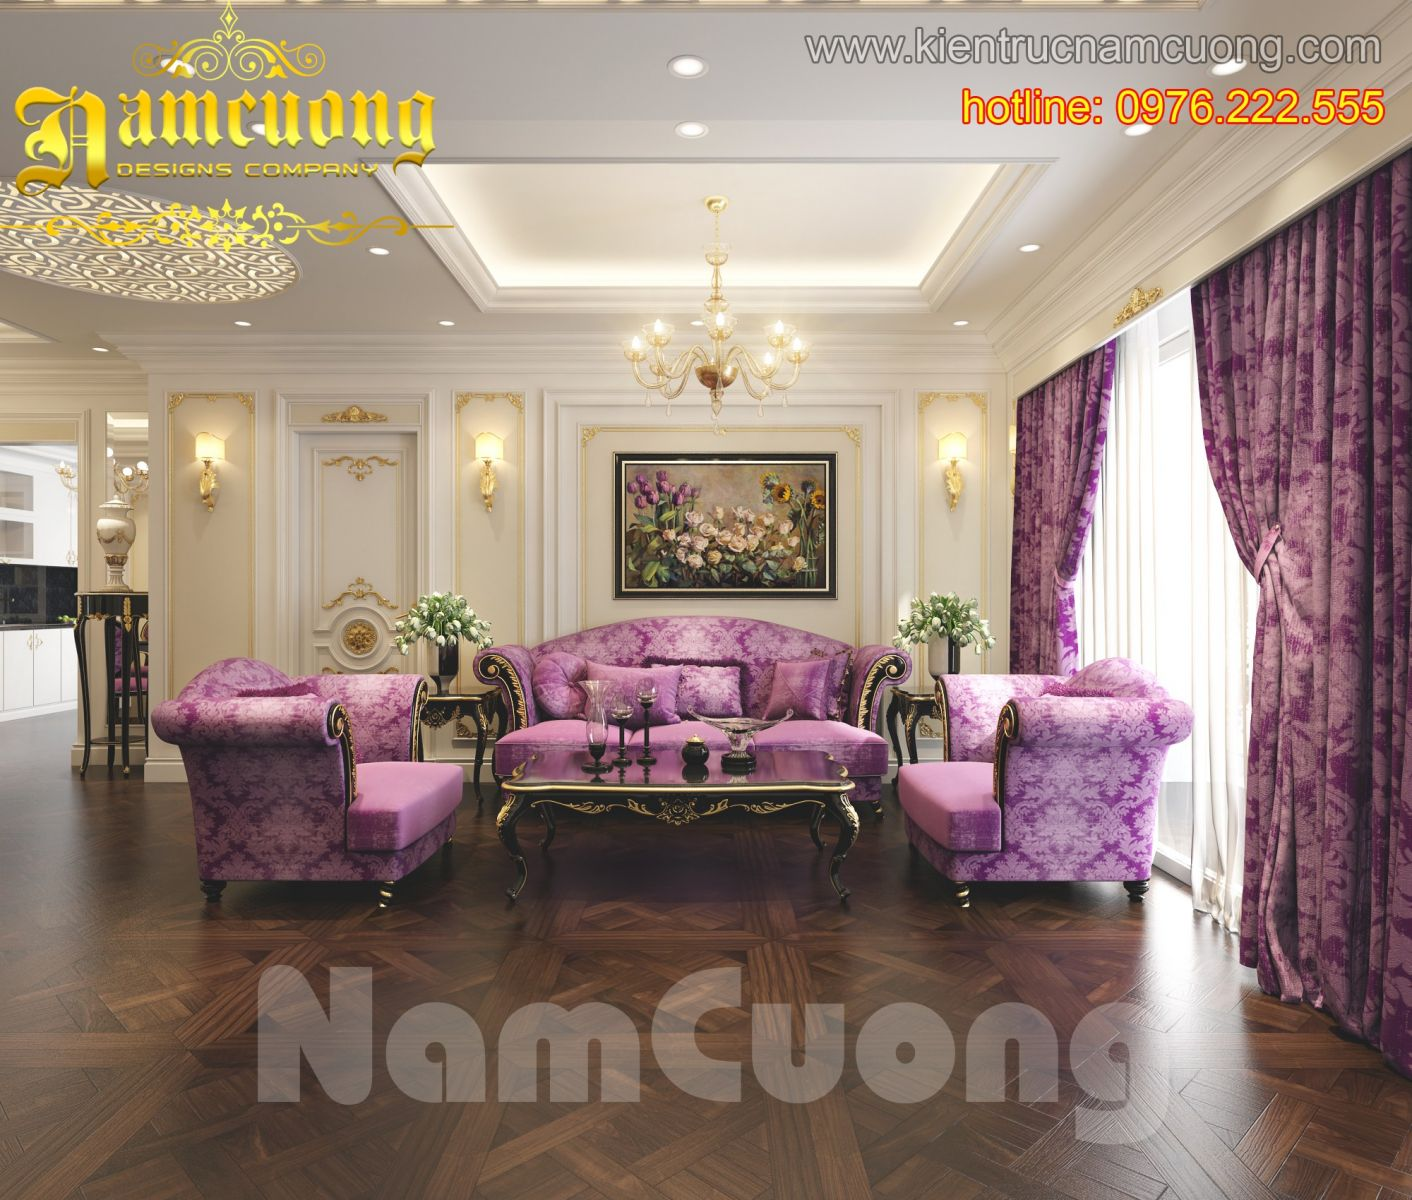 Nội thất biệt thự kiểu Pháp đẹp, lãng mạn với tone màu tím